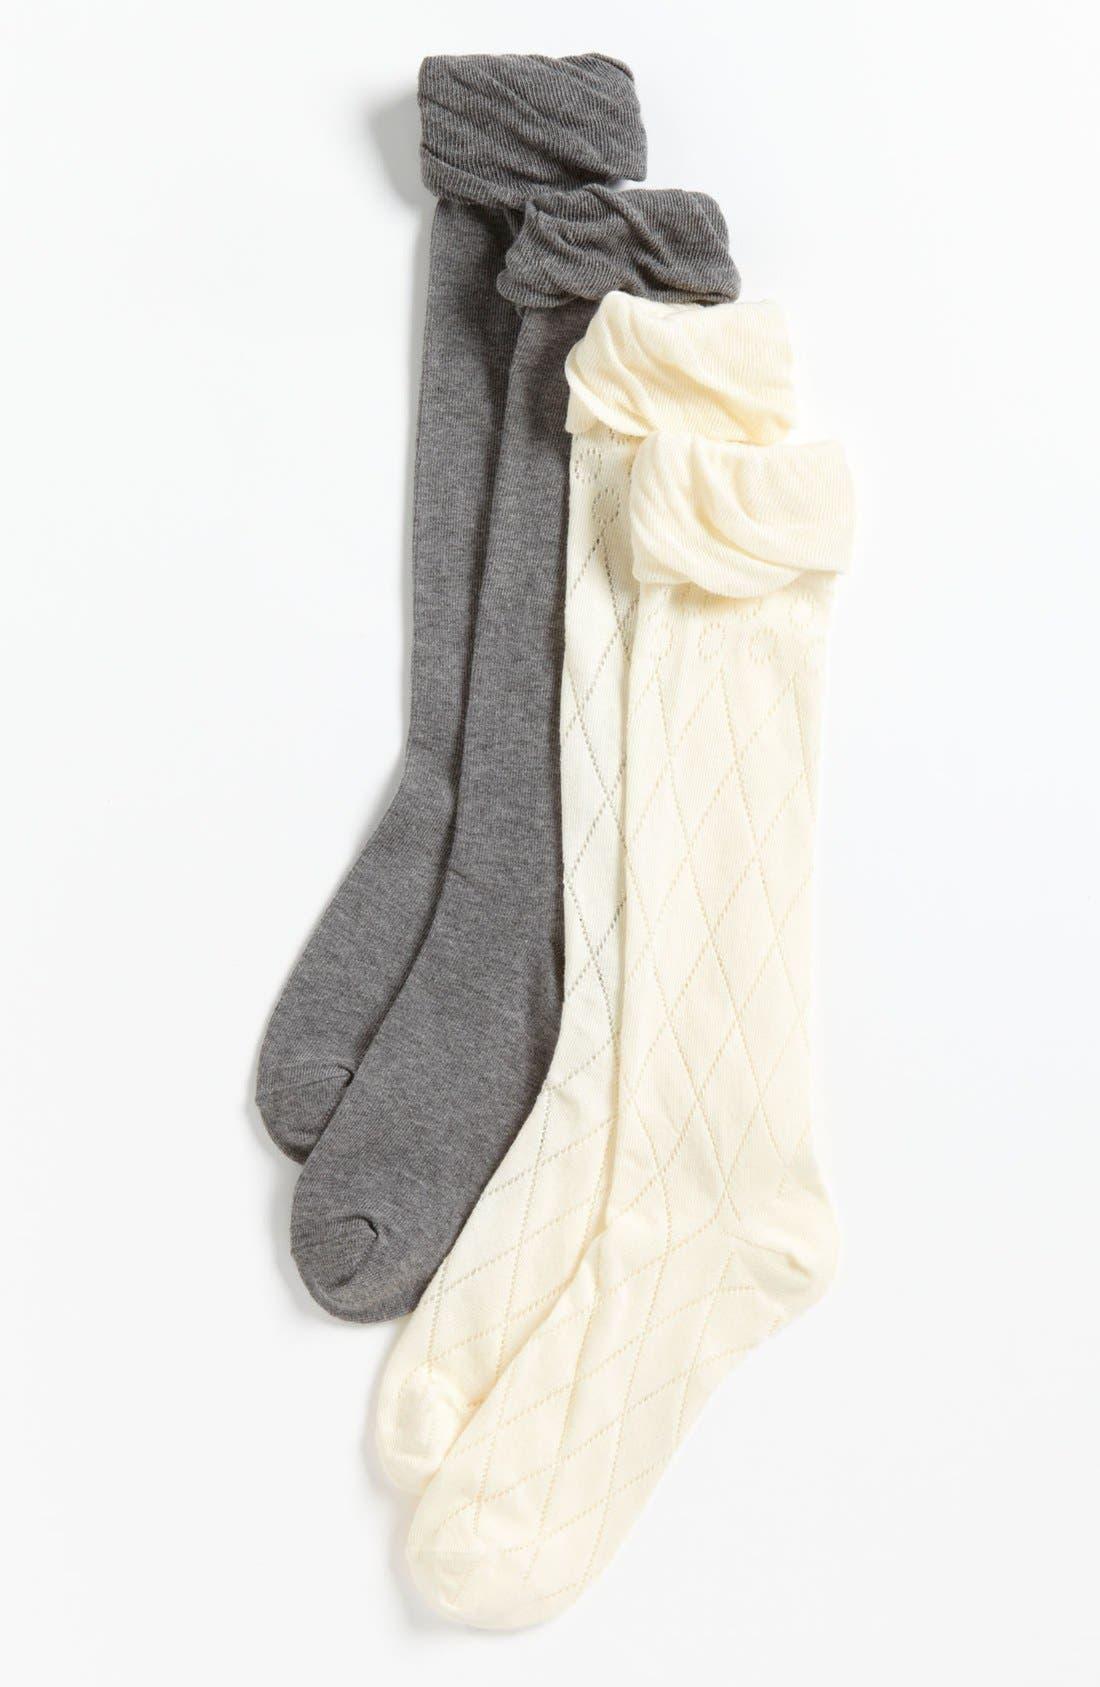 Main Image - Nordstrom Knee High Socks (2-Pack) (Toddler, Little Girls & Big Girls)